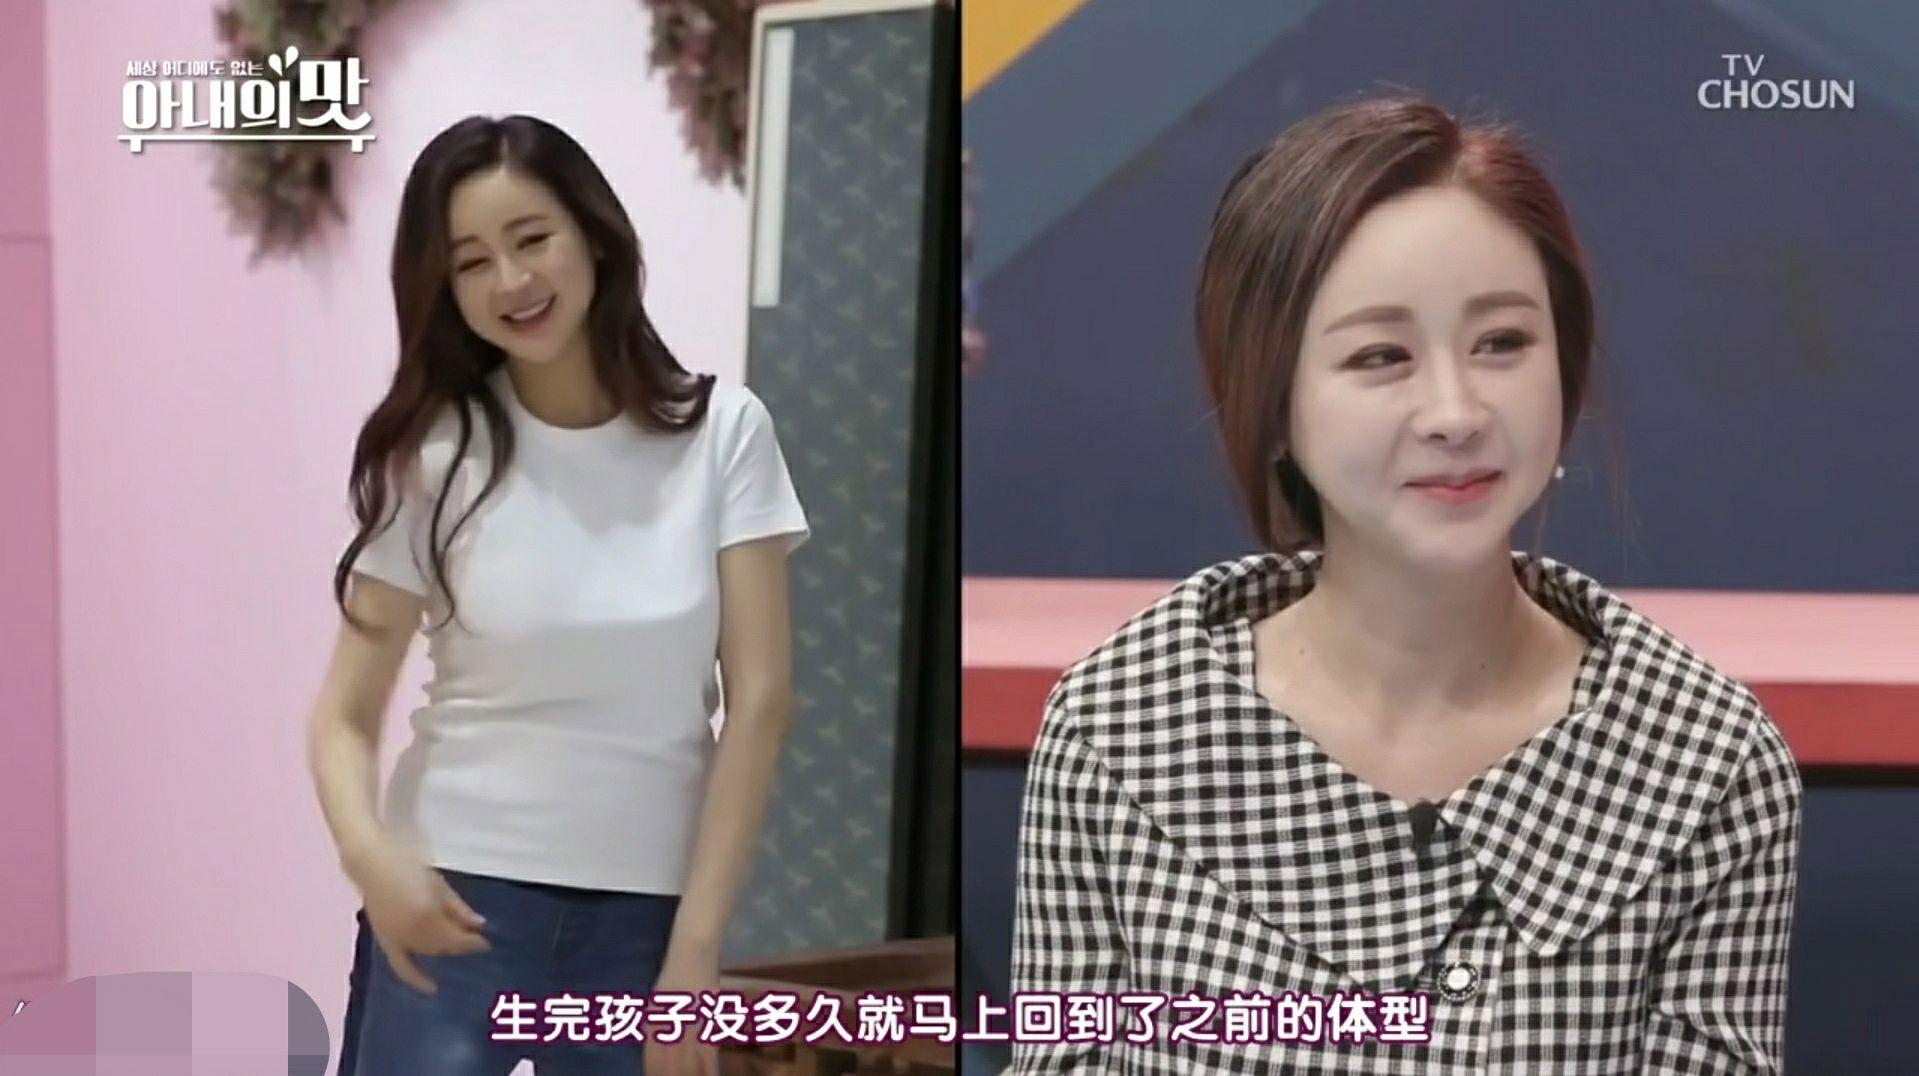 咸素媛现场大秀身材,韩国女星很是嫉妒,对比身材自己像怀孕!